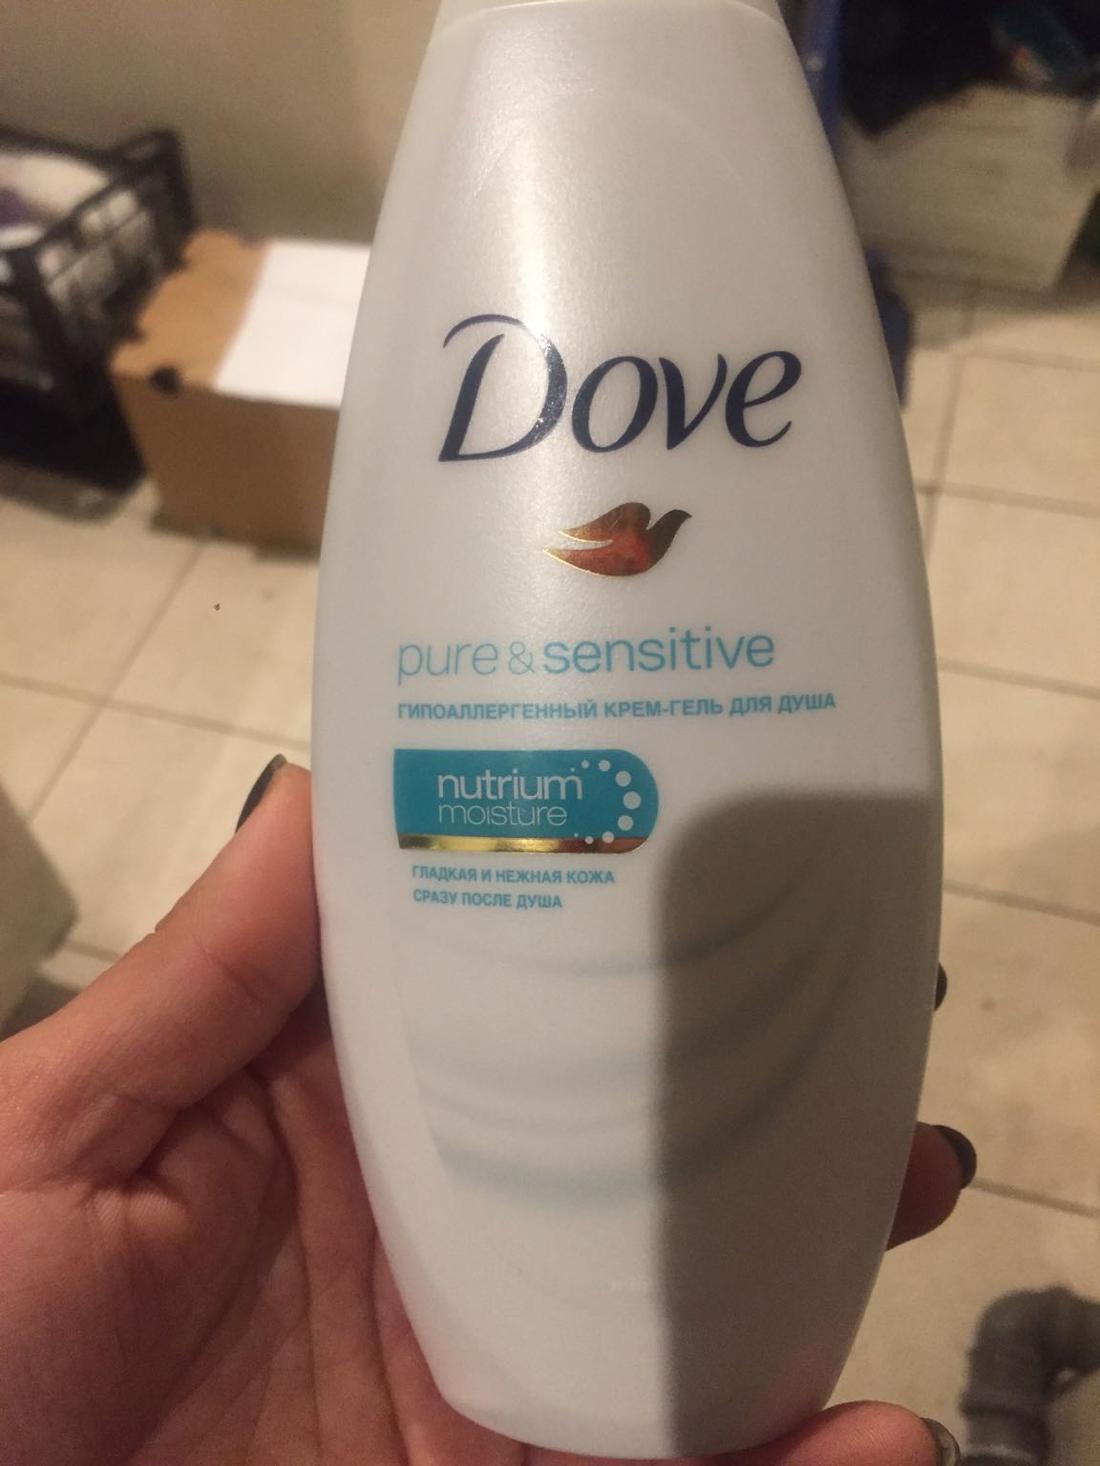 стоимость Dove крем-гель для душа.